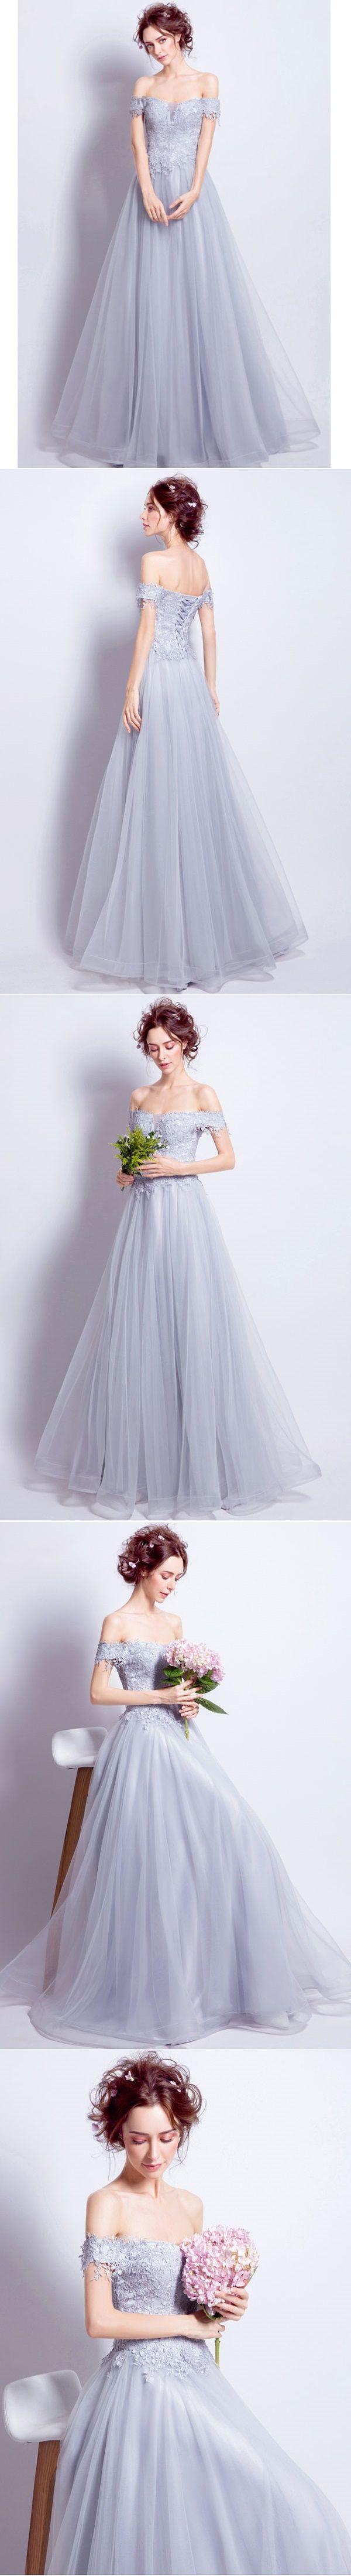 abendkleider lang,festliche kleider,schöne kleider,abendkleider günstig,brautmode  #liebekleider #Ballkleider #Cocktailkleider